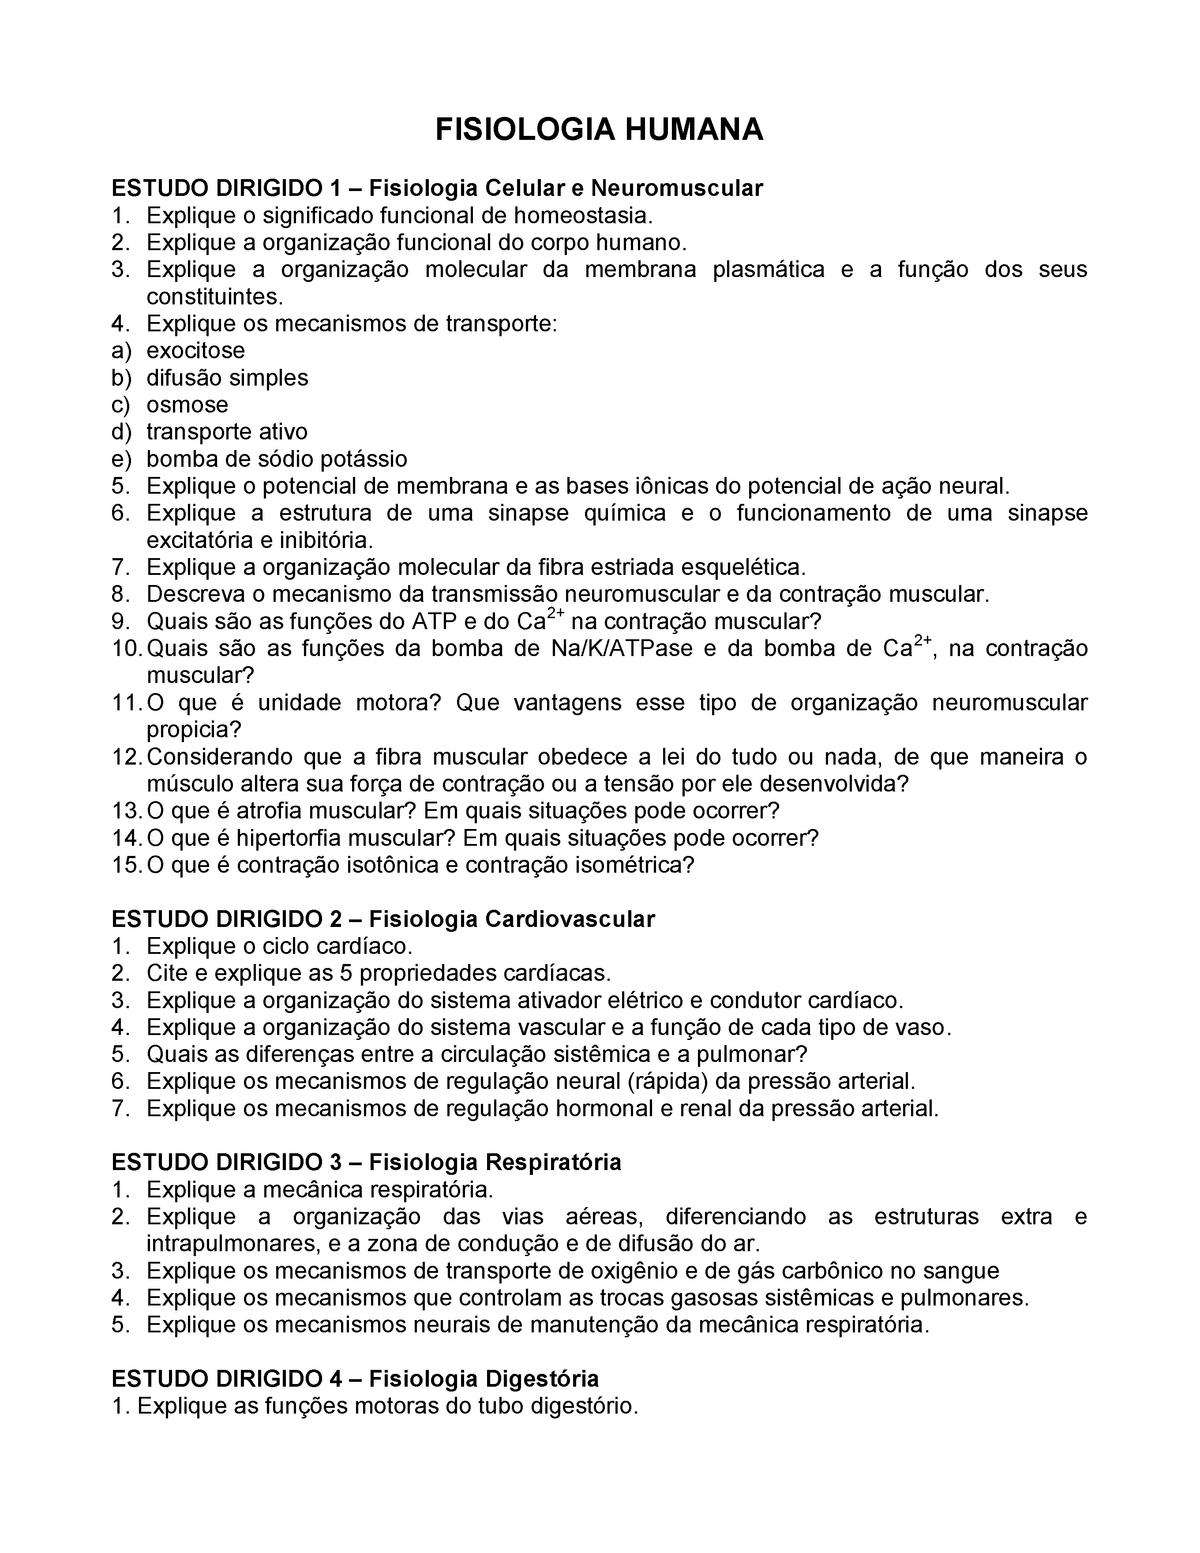 Questionario Fisiologia Unimep Studocu